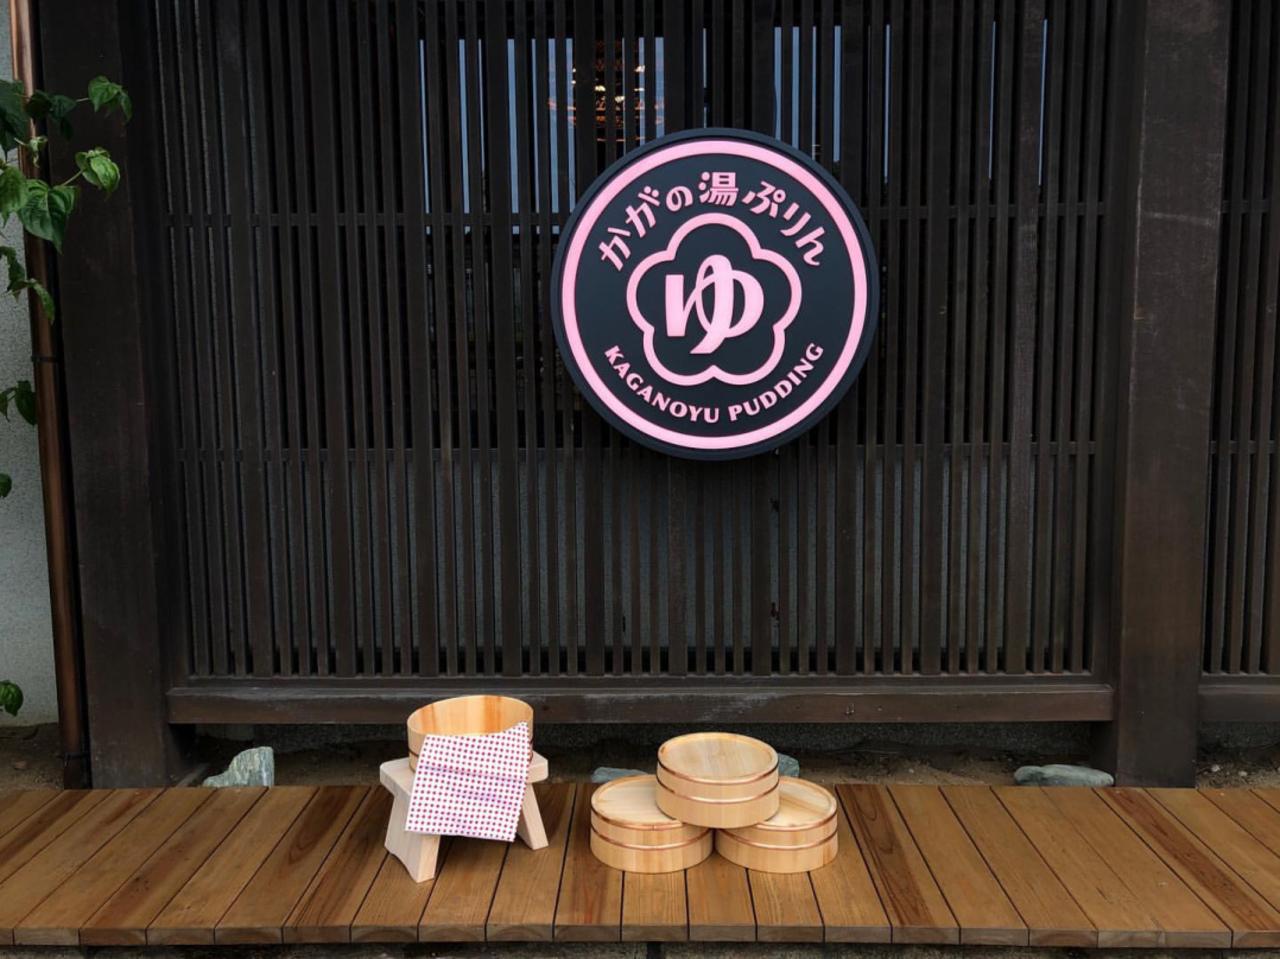 石川県加賀市小菅波町に温泉プリン専門店「かがの湯ぷりん」が本日グランドオープンのようです。